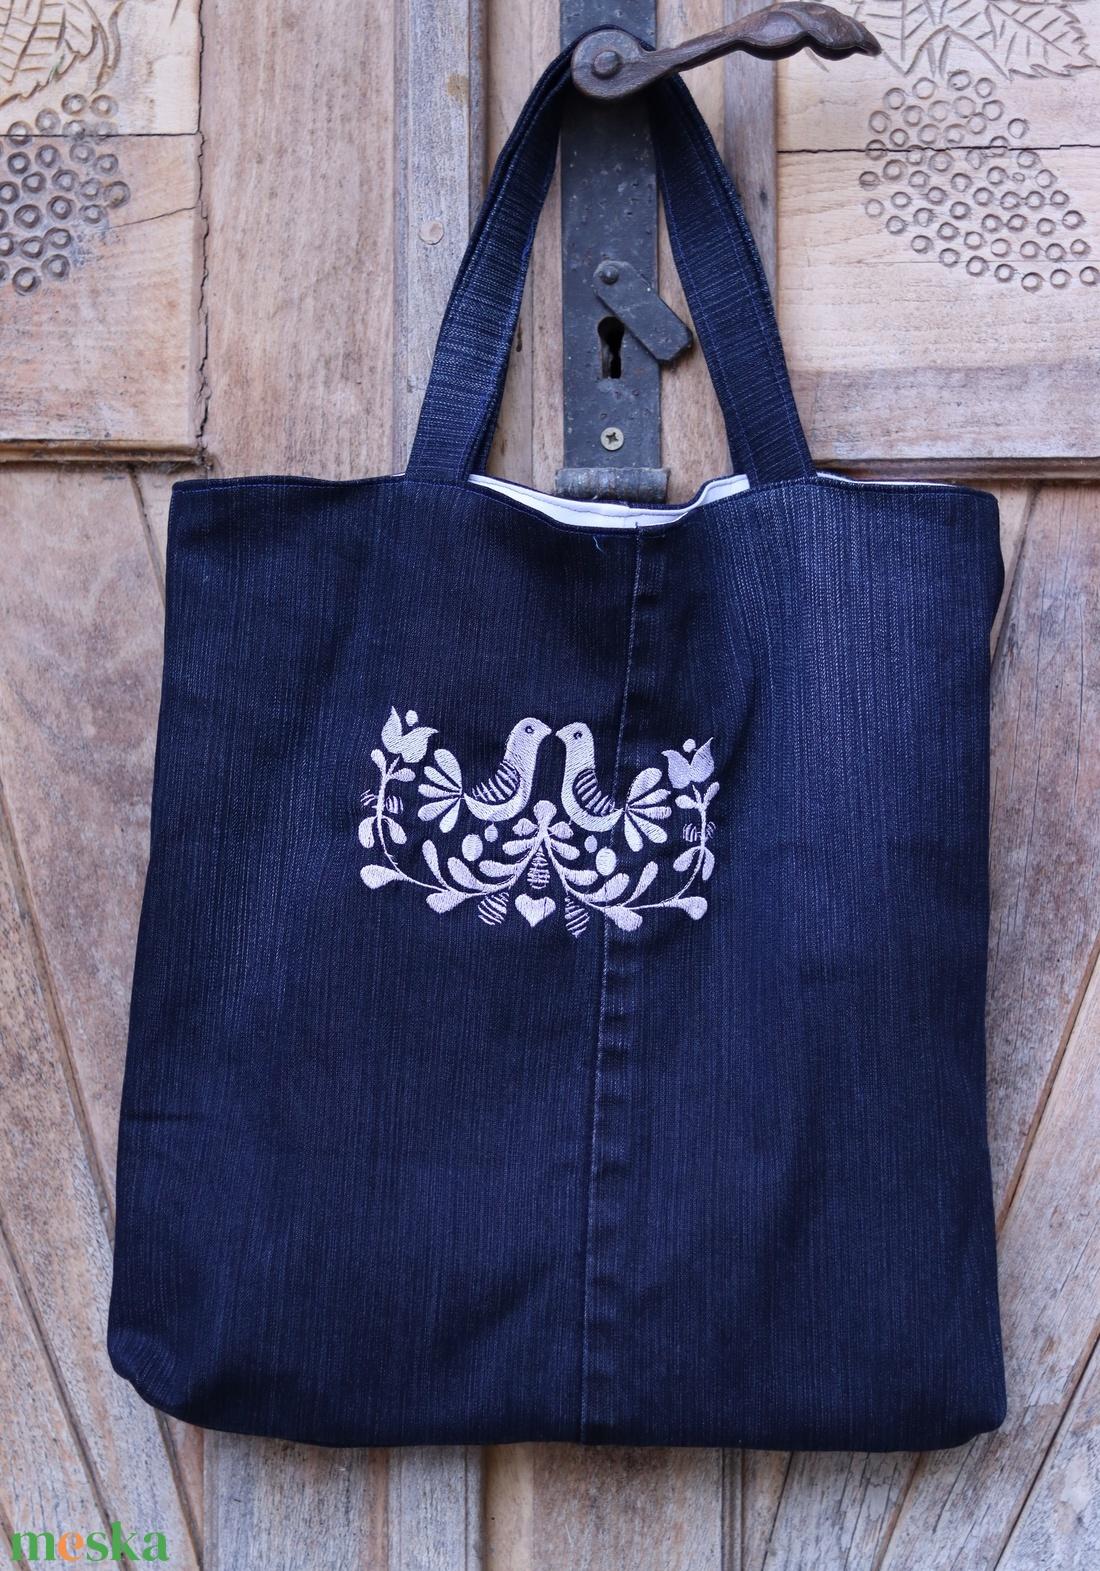 Hímzett újrahasznosított farmertáska, szatyor, bevásárlótásks - táska & tok - bevásárlás & shopper táska - shopper, textiltáska, szatyor - Meska.hu